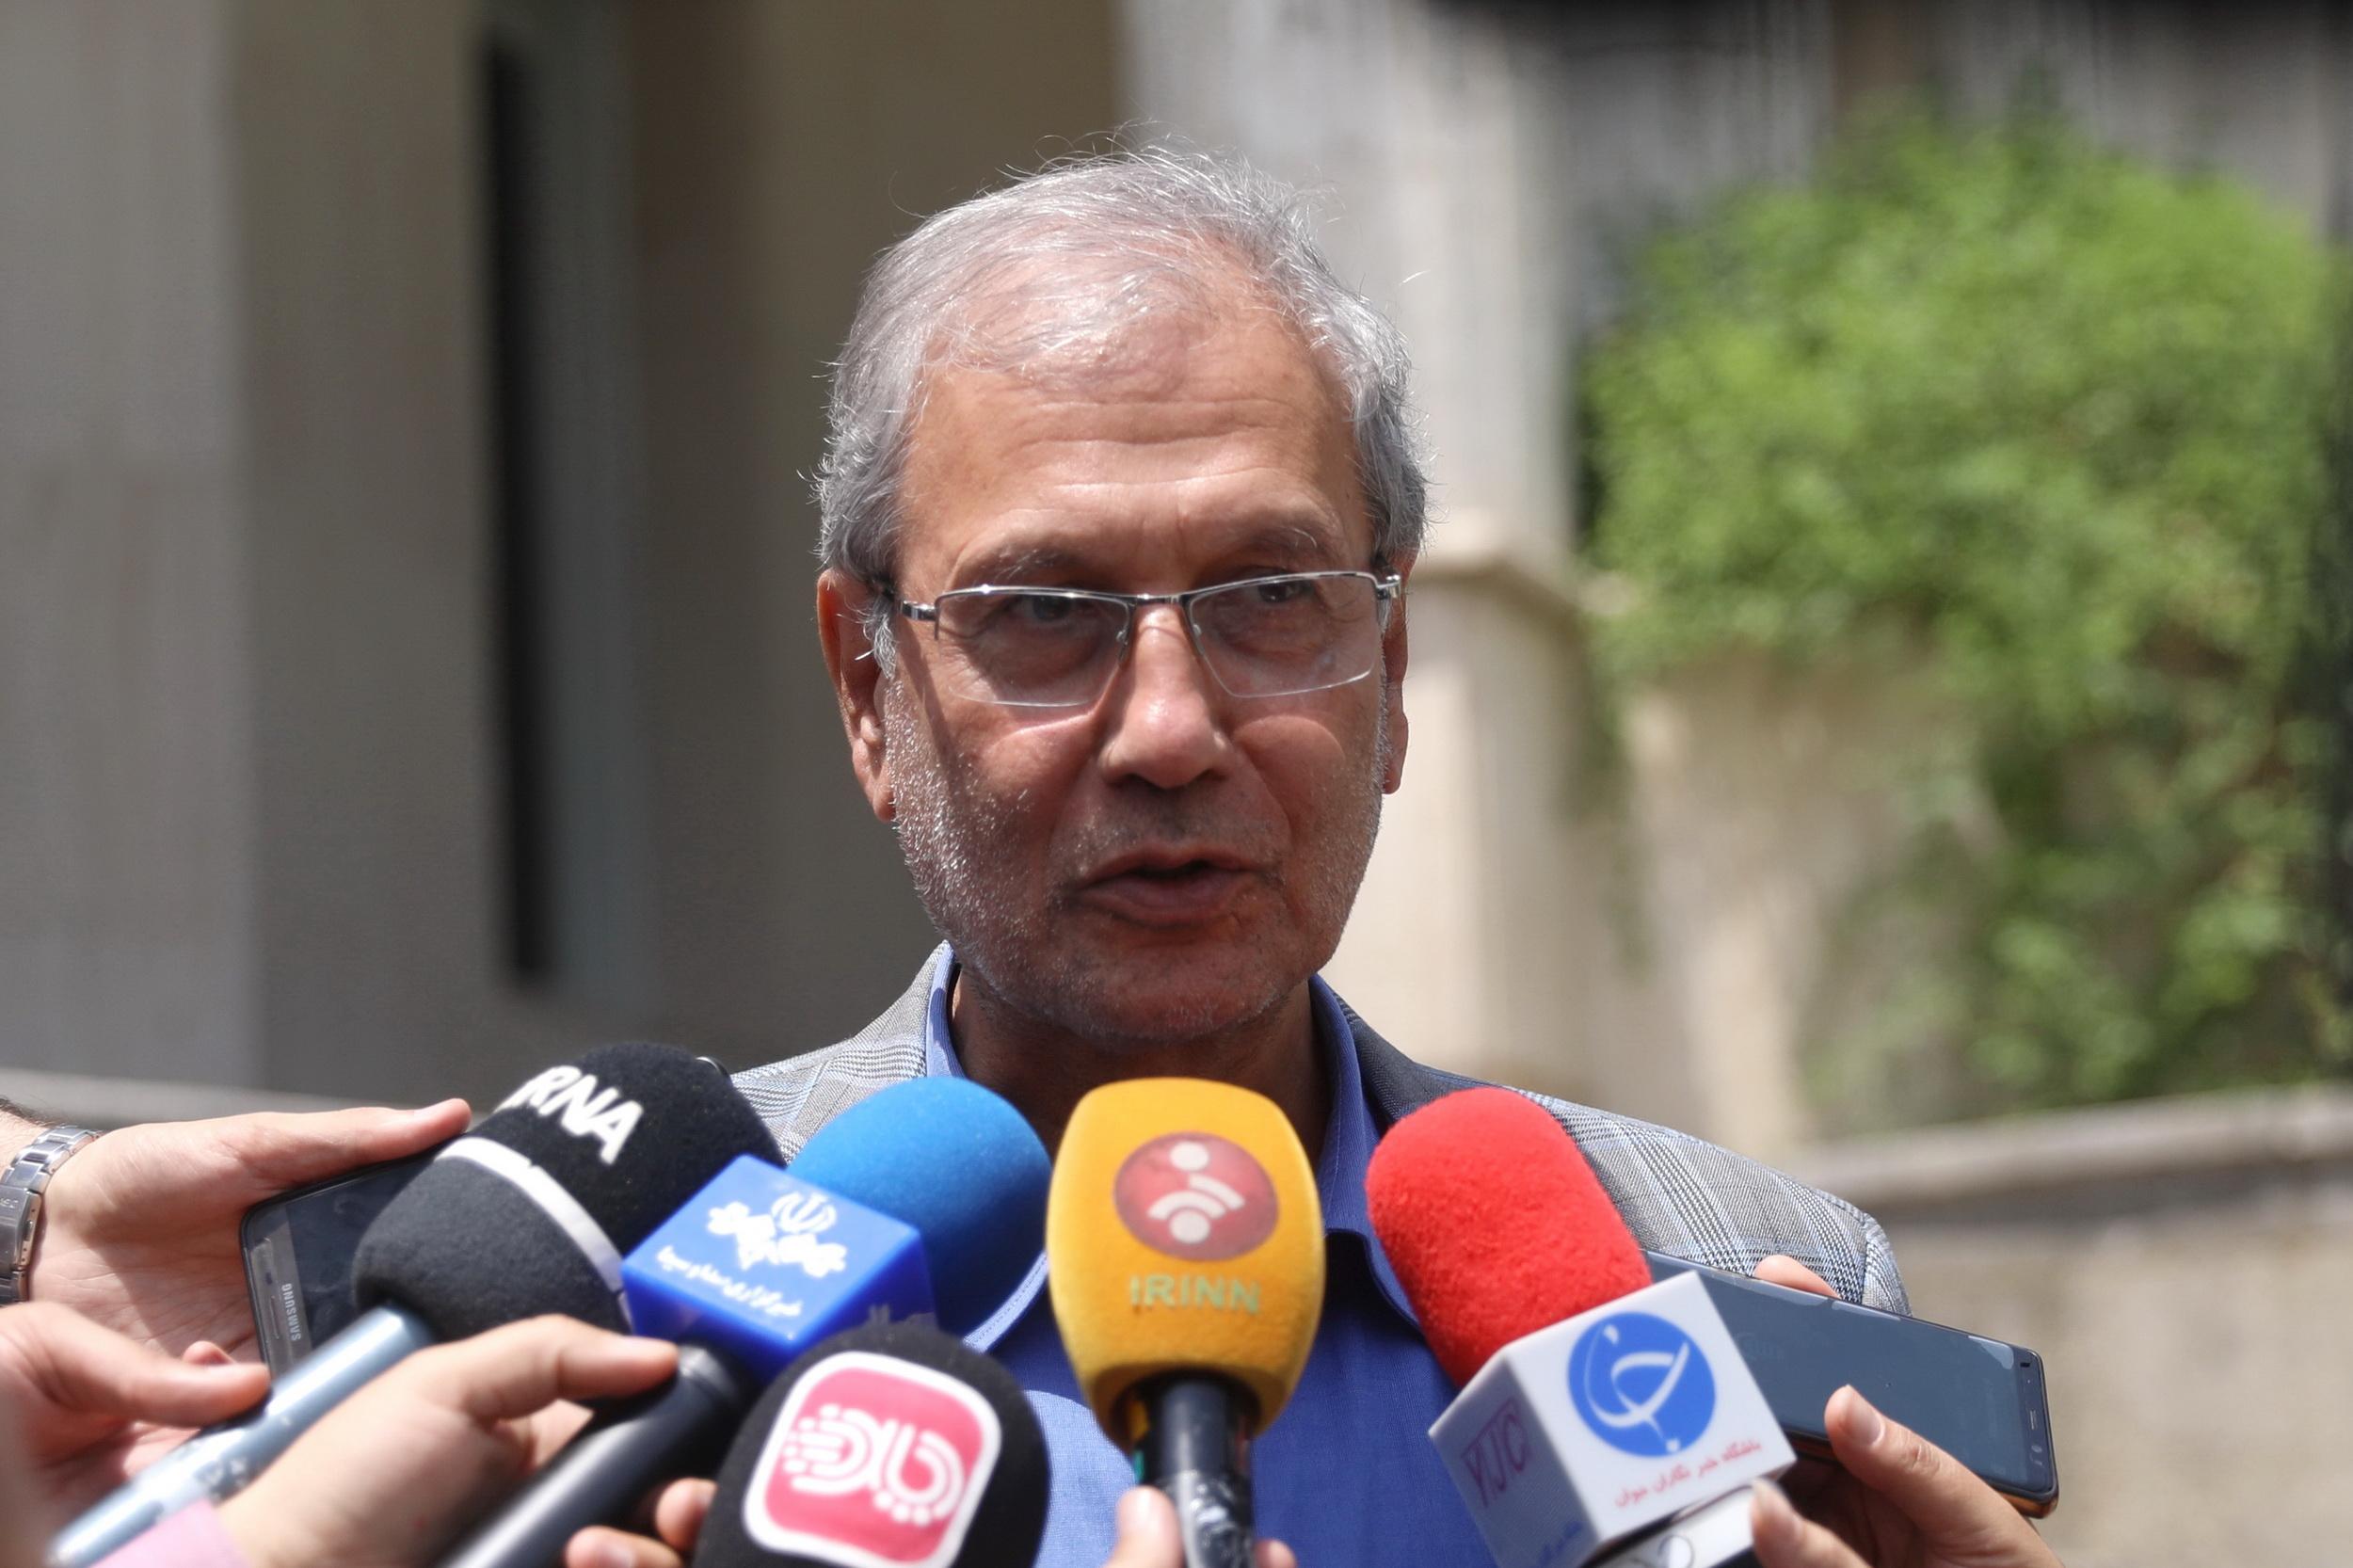 واکنش سخنگوی دولت به شایعه استعفا رئیس جمهور